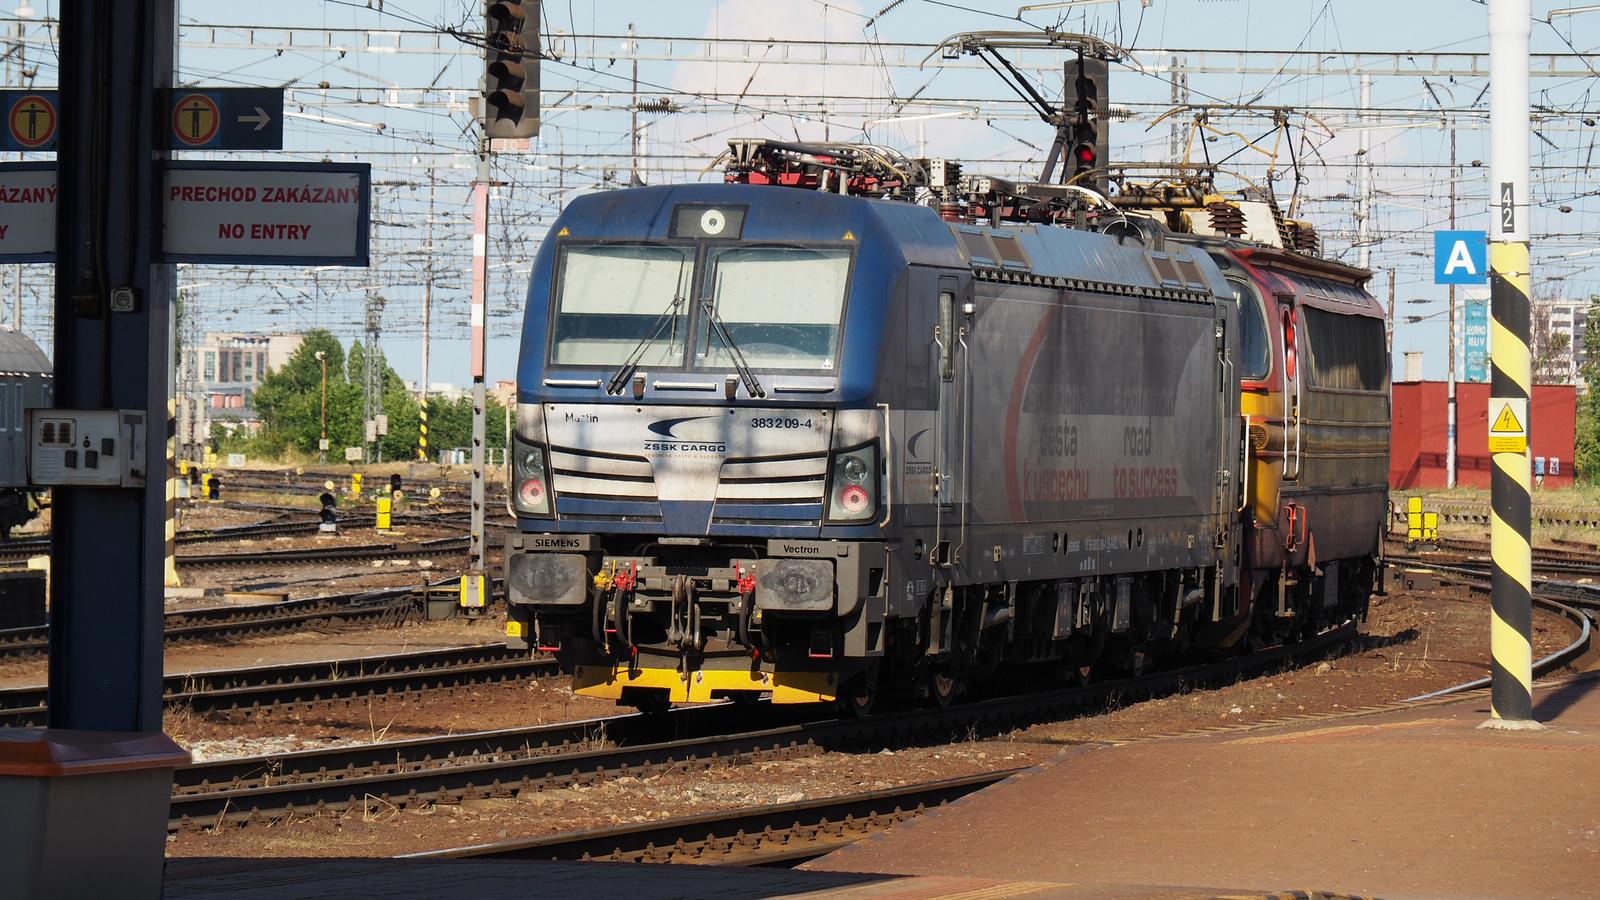 SK-RAILL 91 56 6383 209-4, SZG3